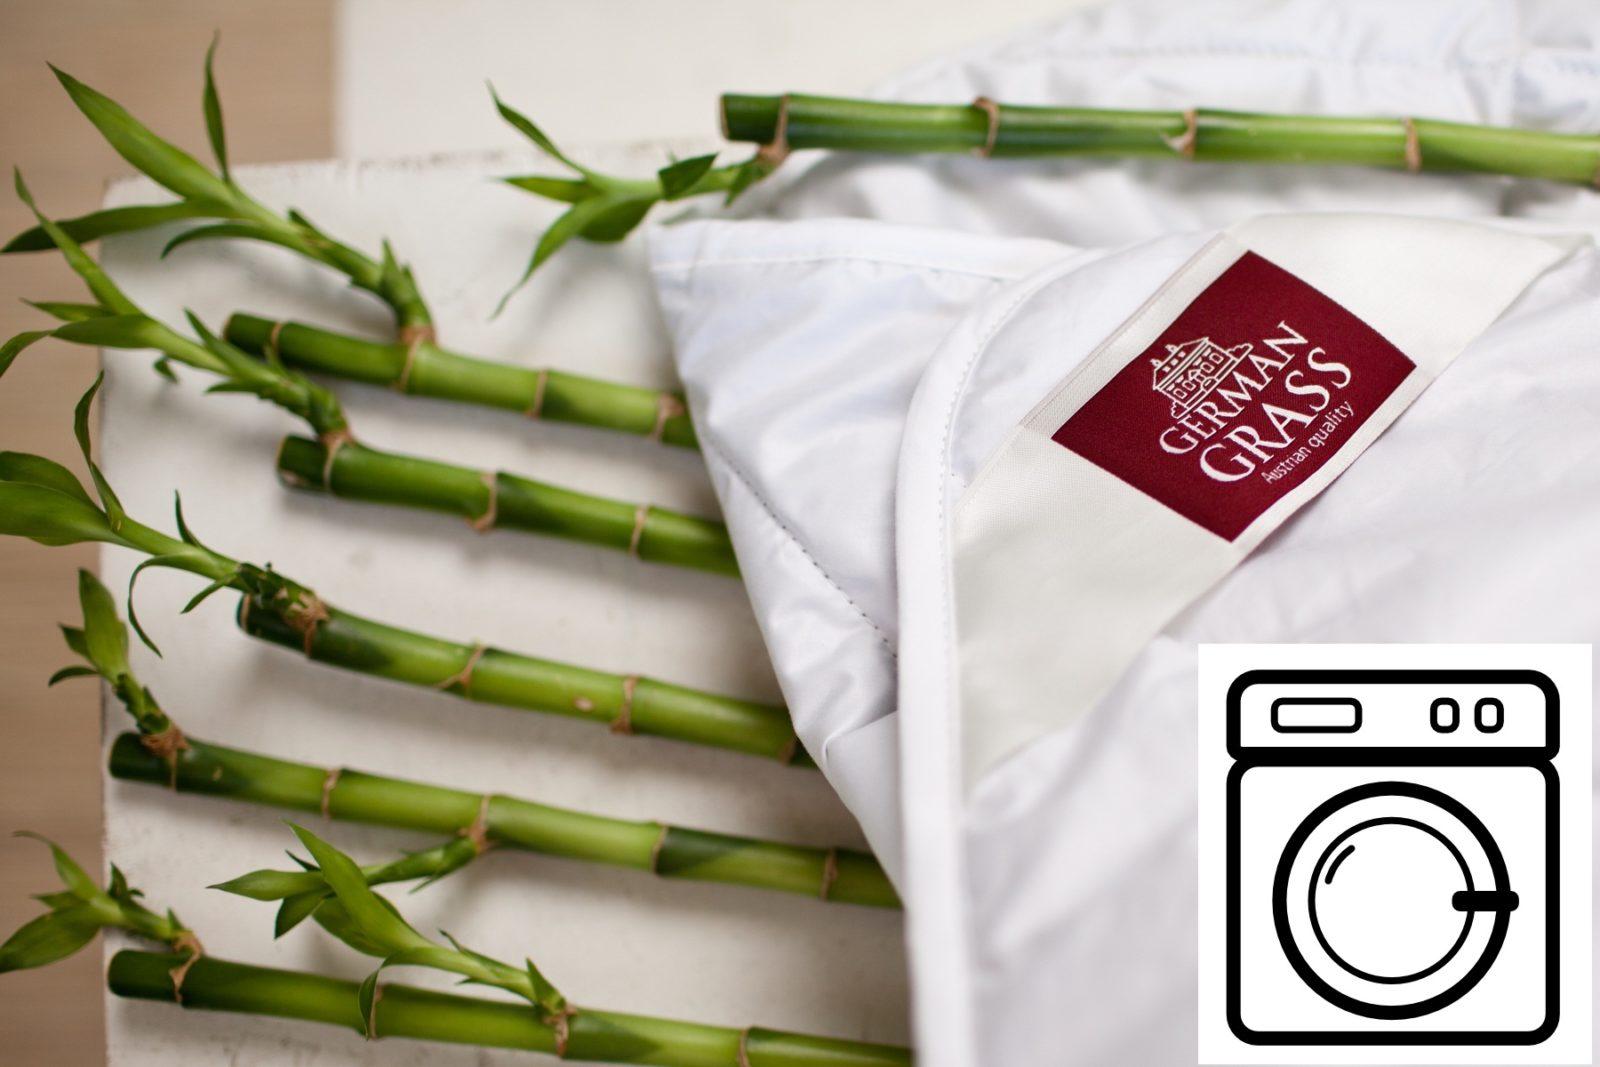 Có thể giặt chăn tre trong máy giặt không?